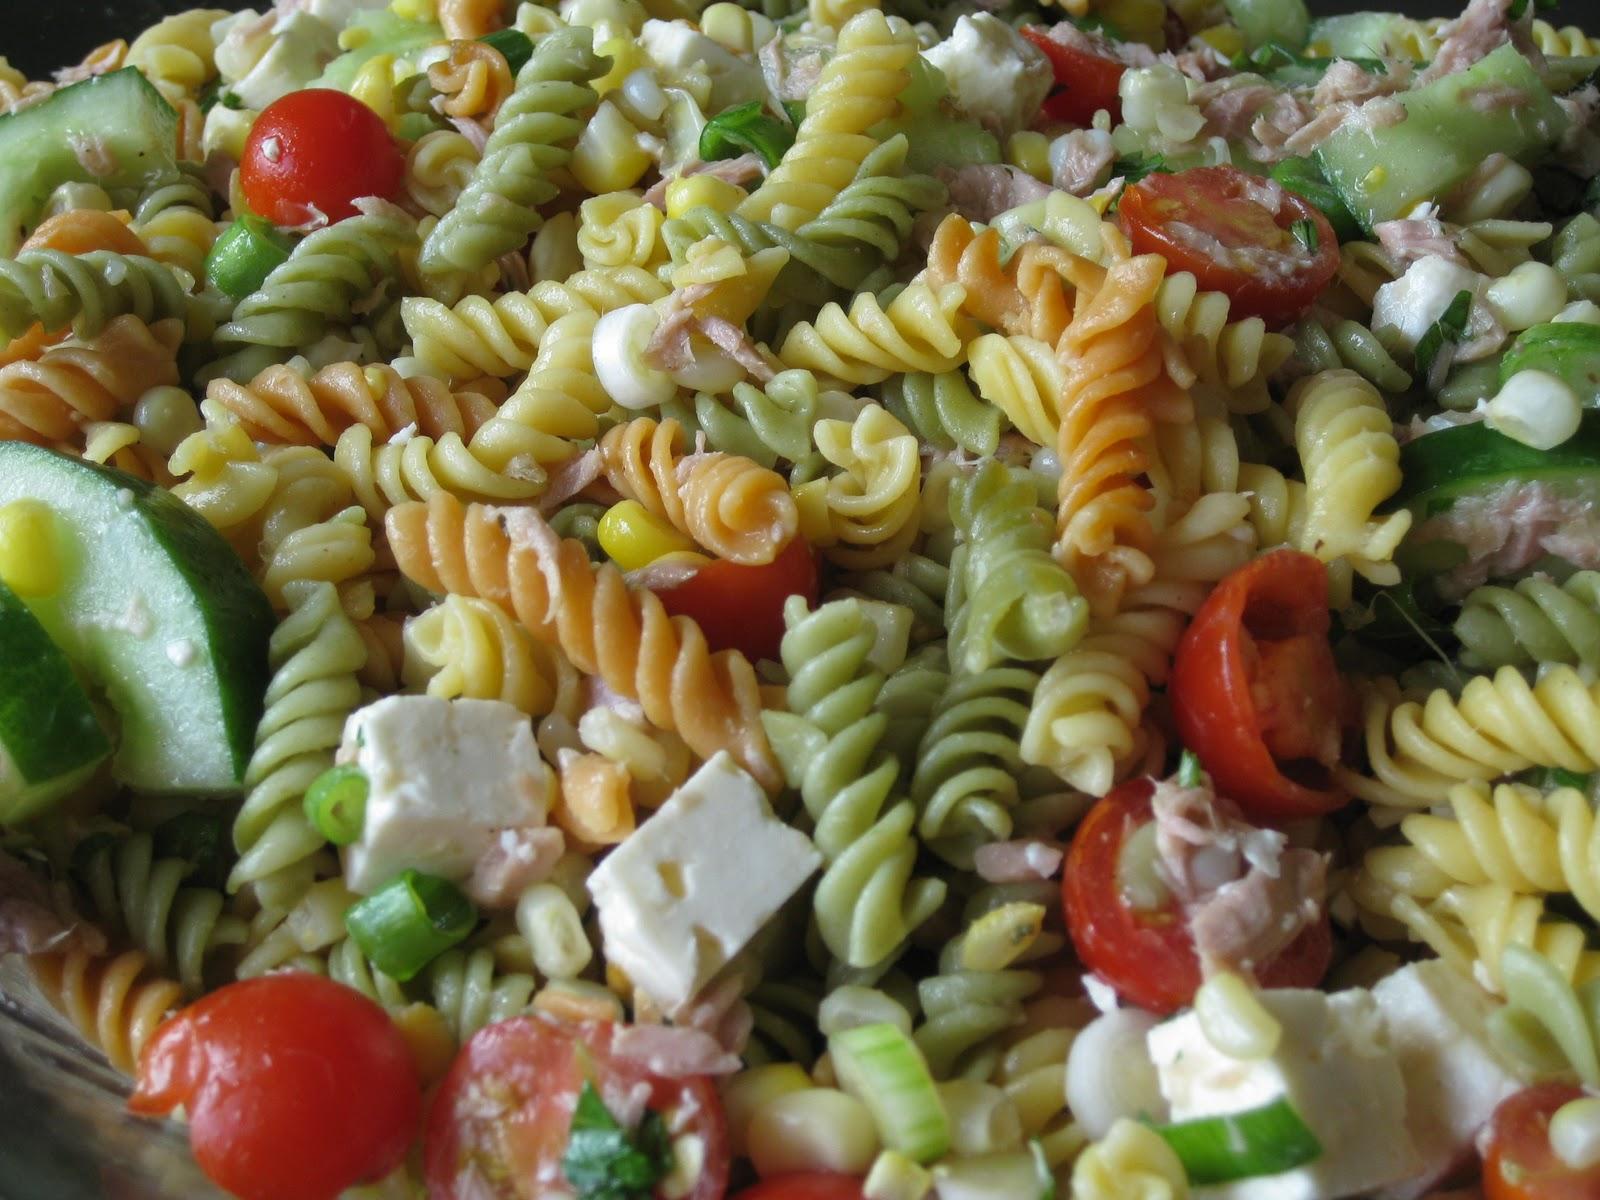 salade de p tes au thon au ma s et aux tomates cerises bedon gourmand. Black Bedroom Furniture Sets. Home Design Ideas